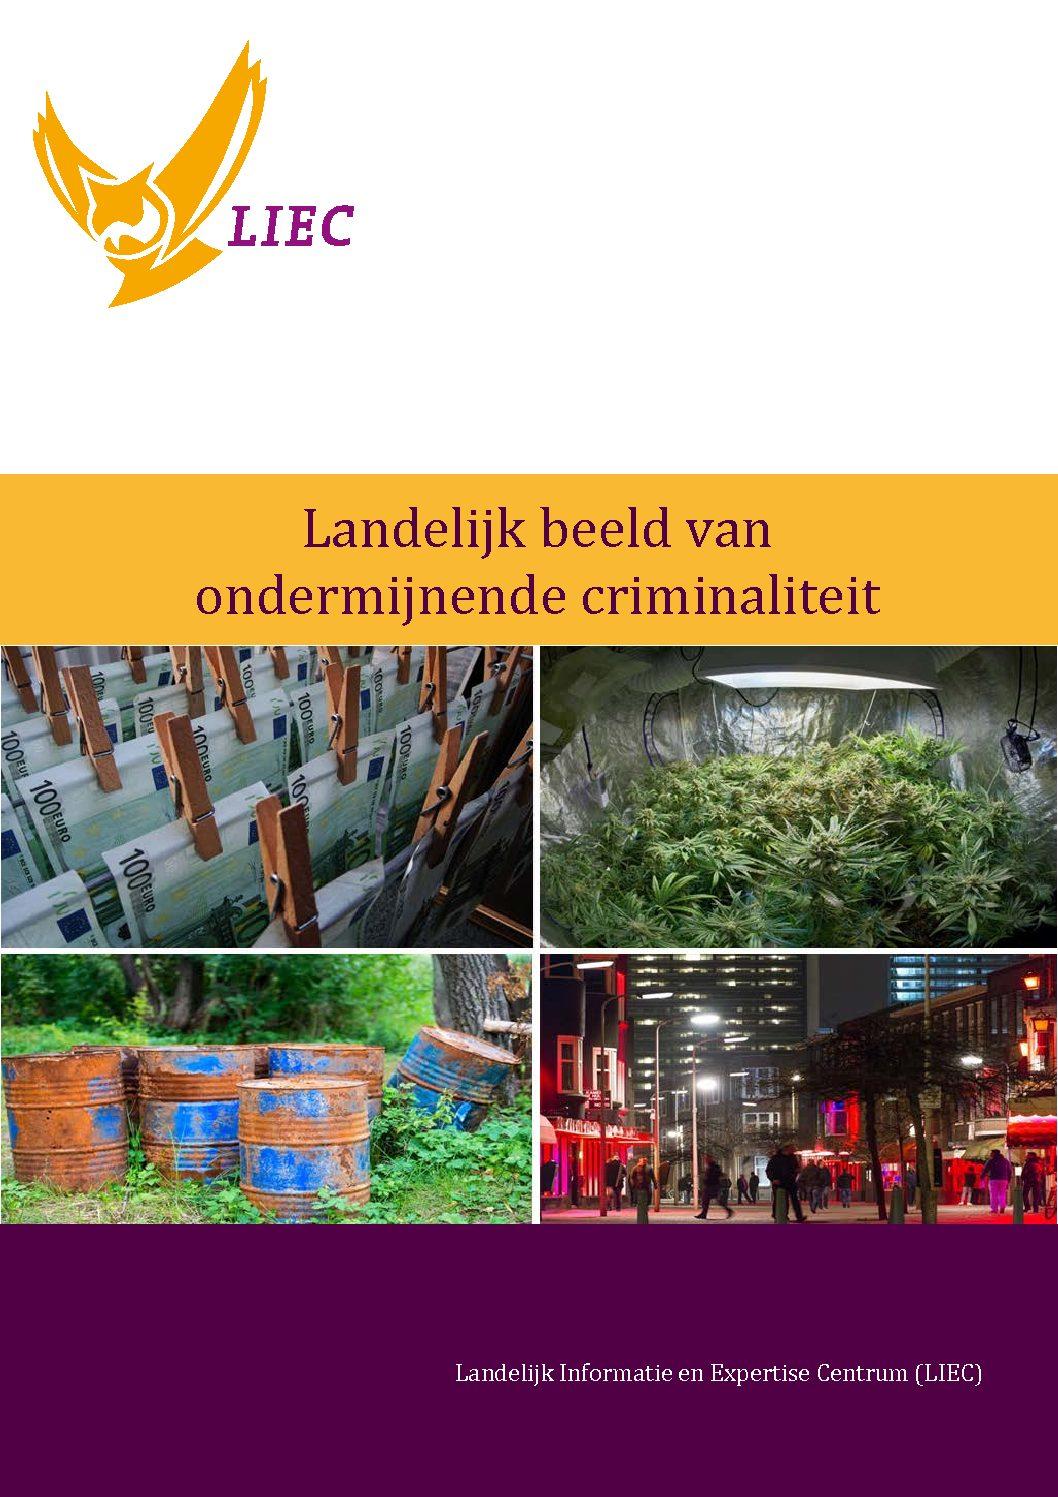 Met onze medewerking: Landelijk beeld van ondermijnende criminaliteit (LIEC, 2019).